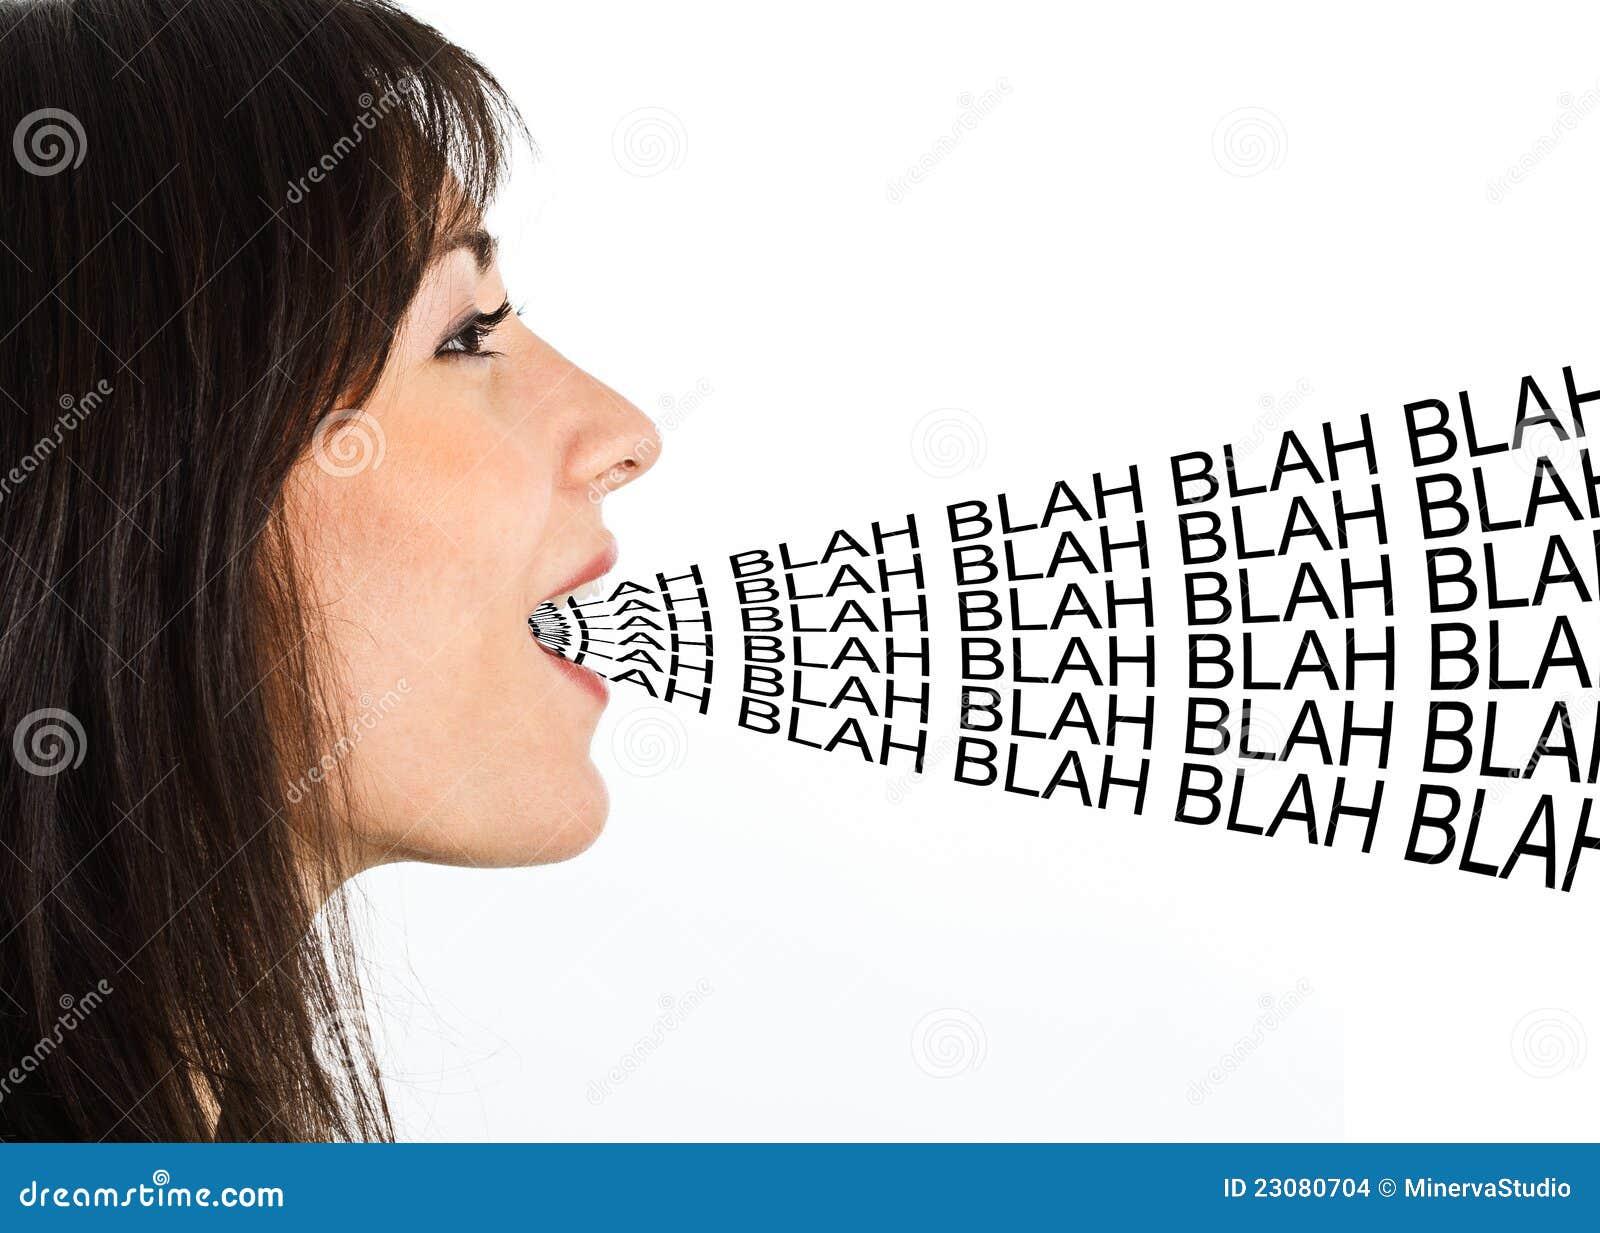 Blah blah chat